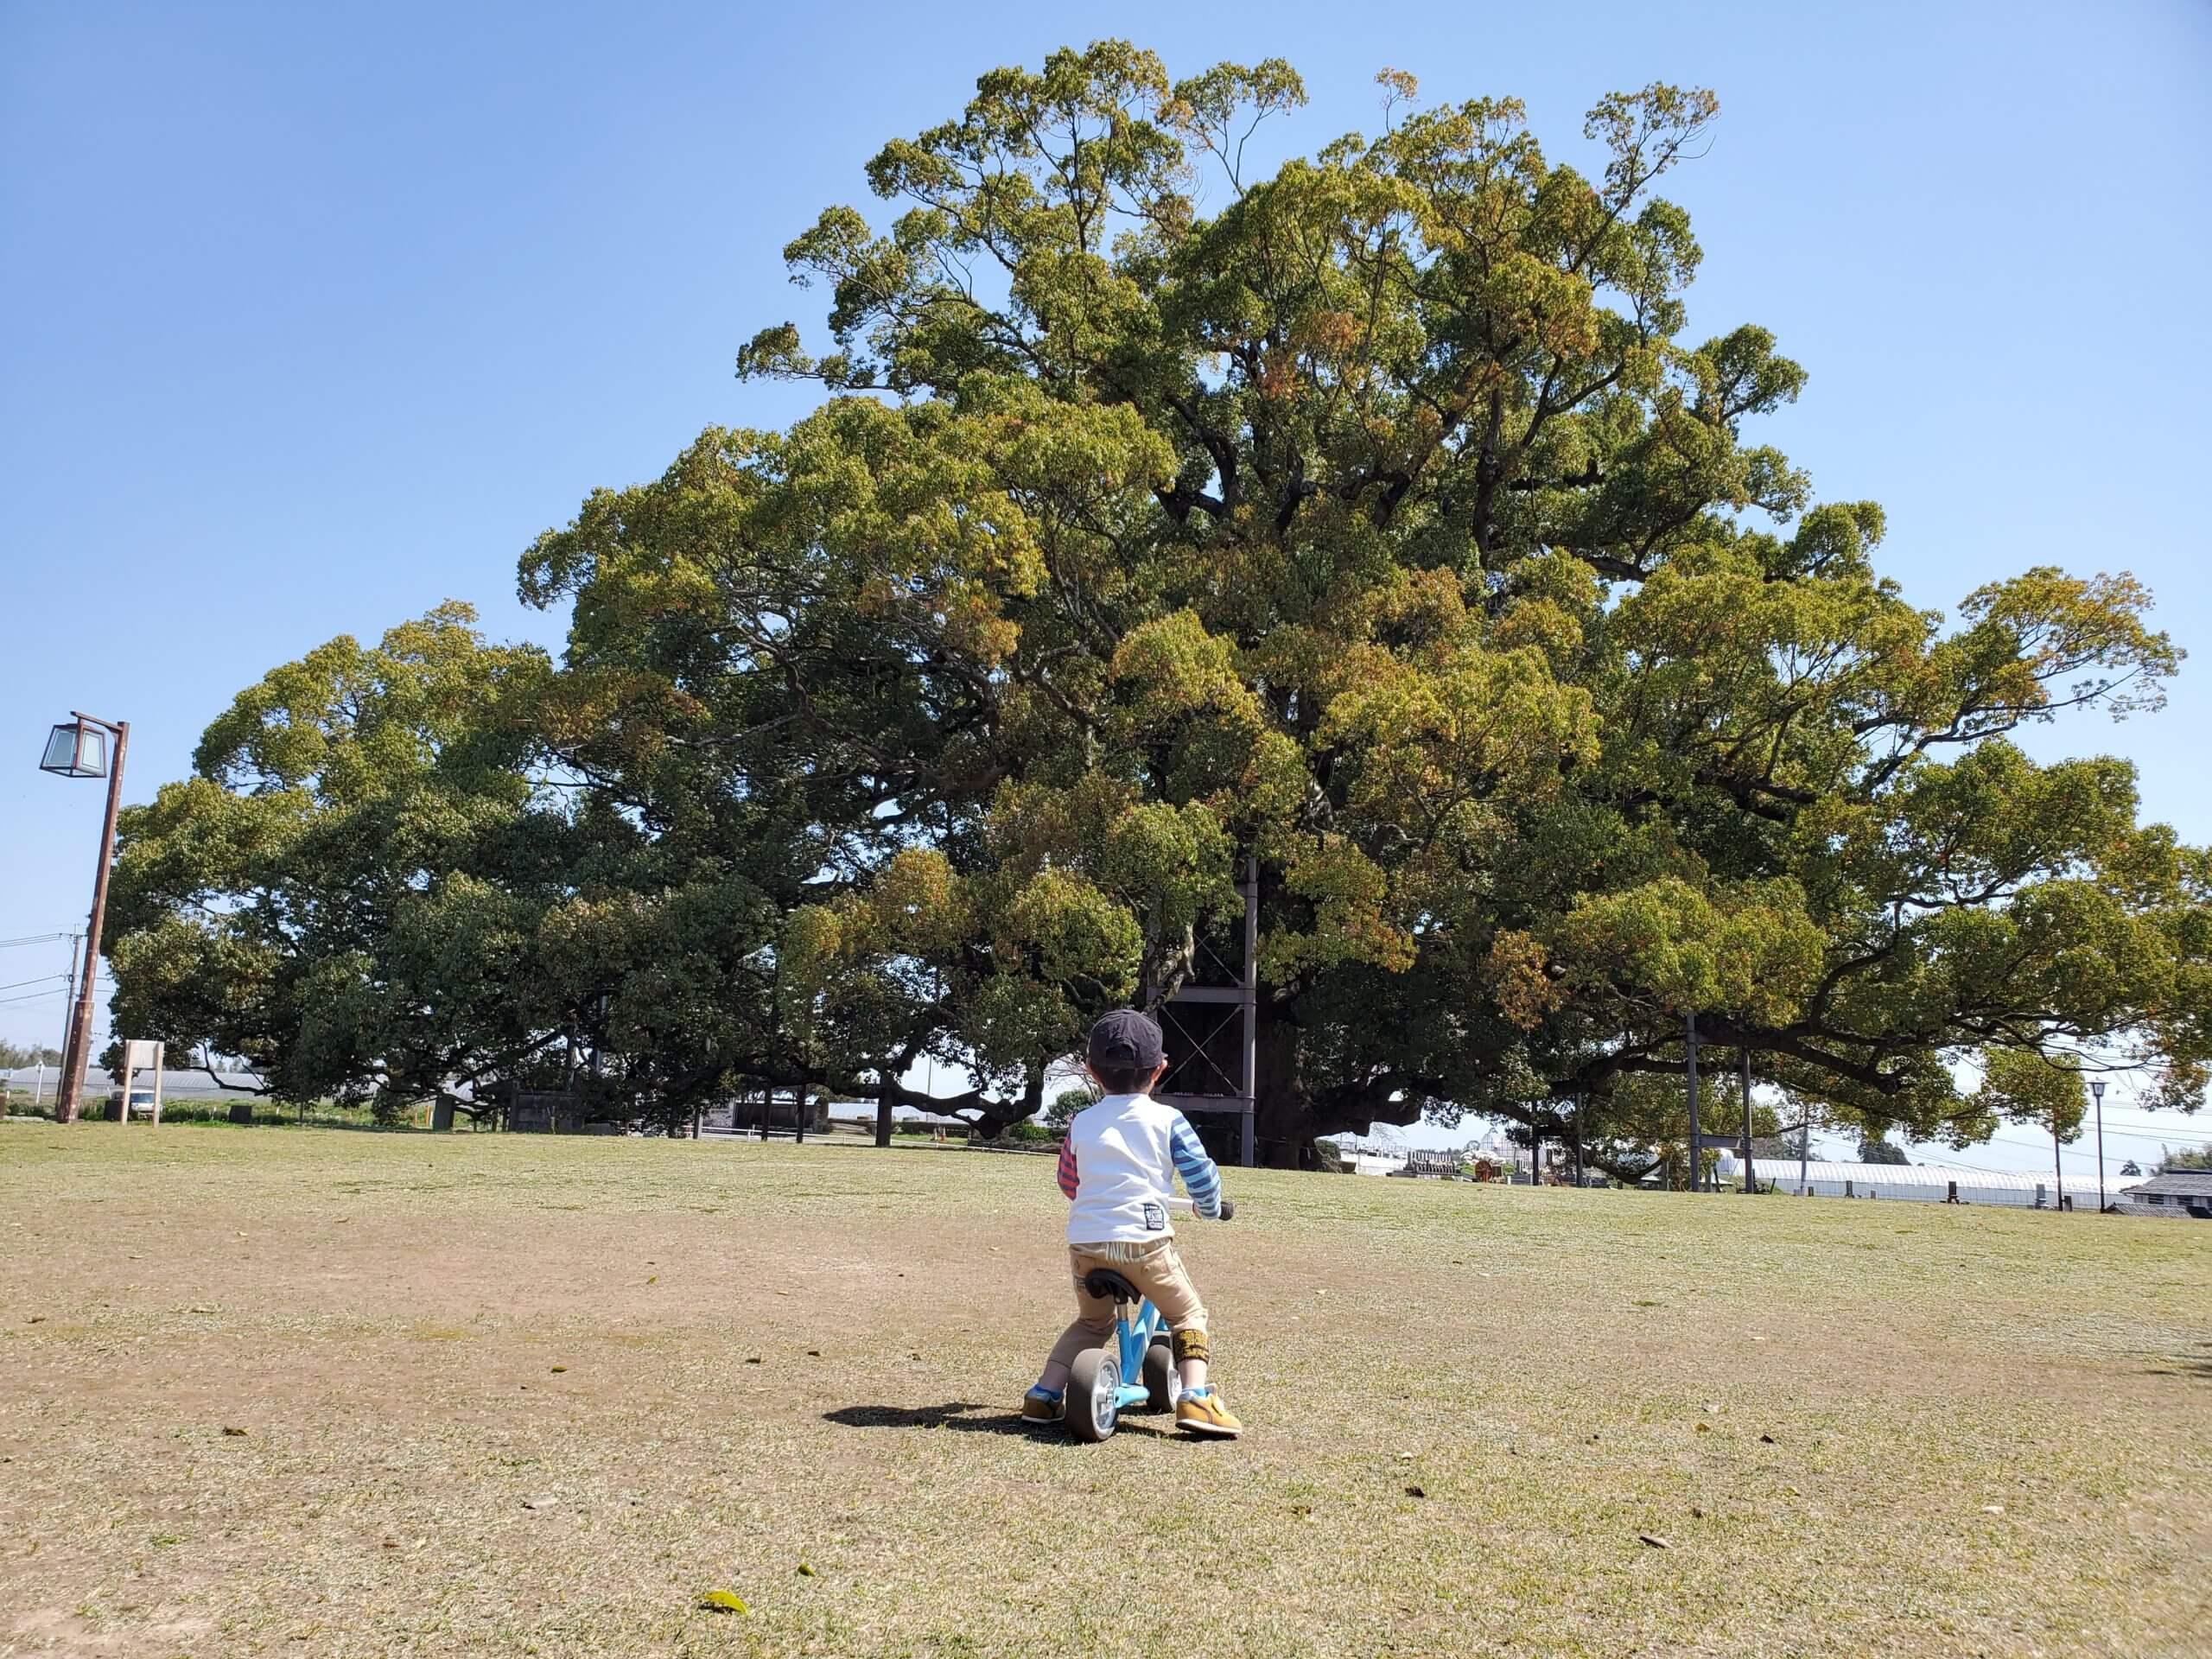 【寂心さんの樟】まるでトトロの木☆神秘的な大きな樟の木がある公園《熊本市北区北迫町》